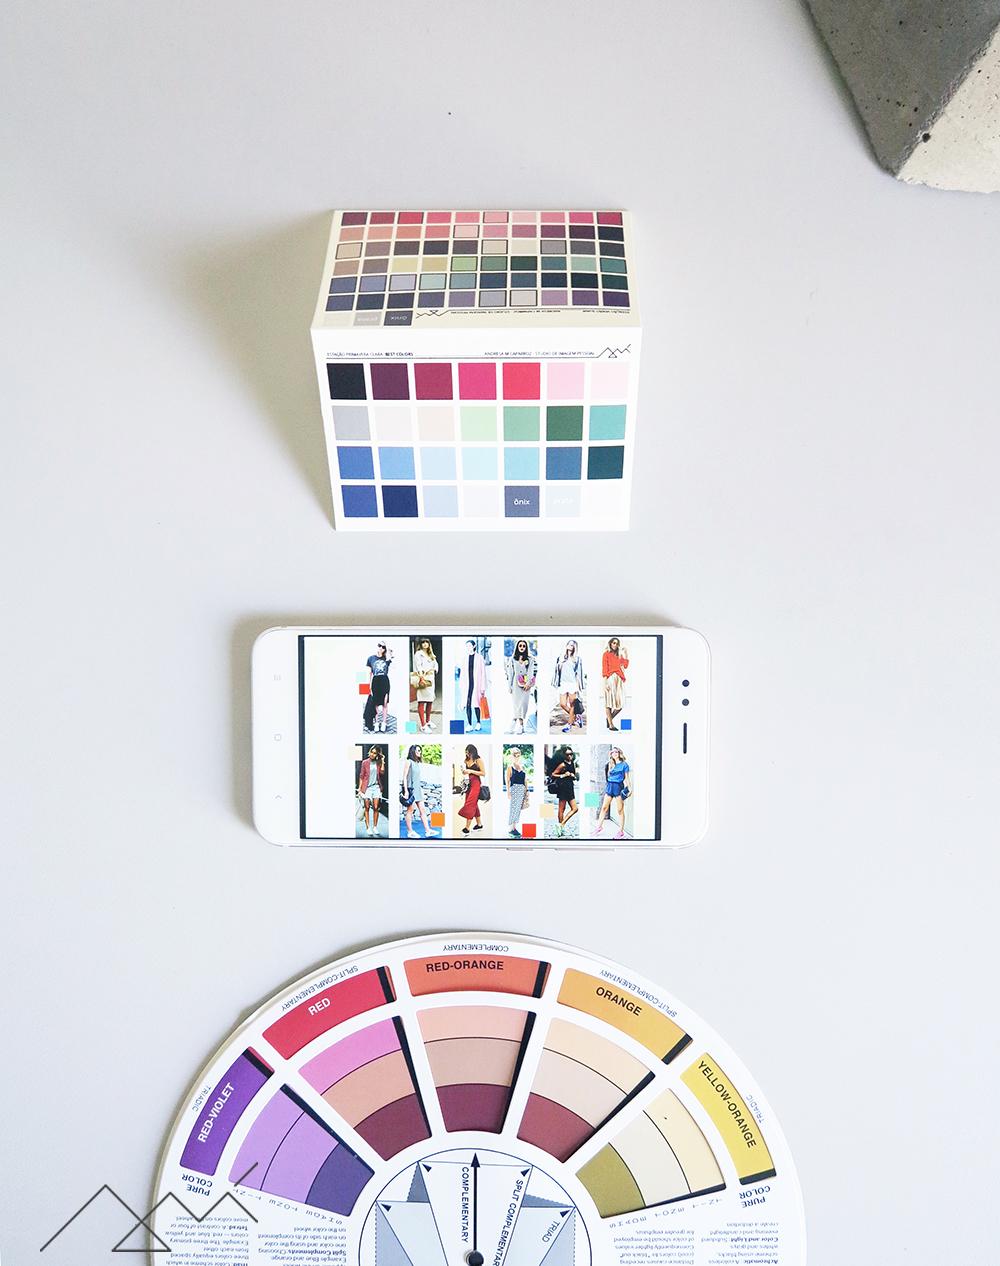 uia de cores, círculo cromático e cartela de cores pessoal disponibilizados ao cliente